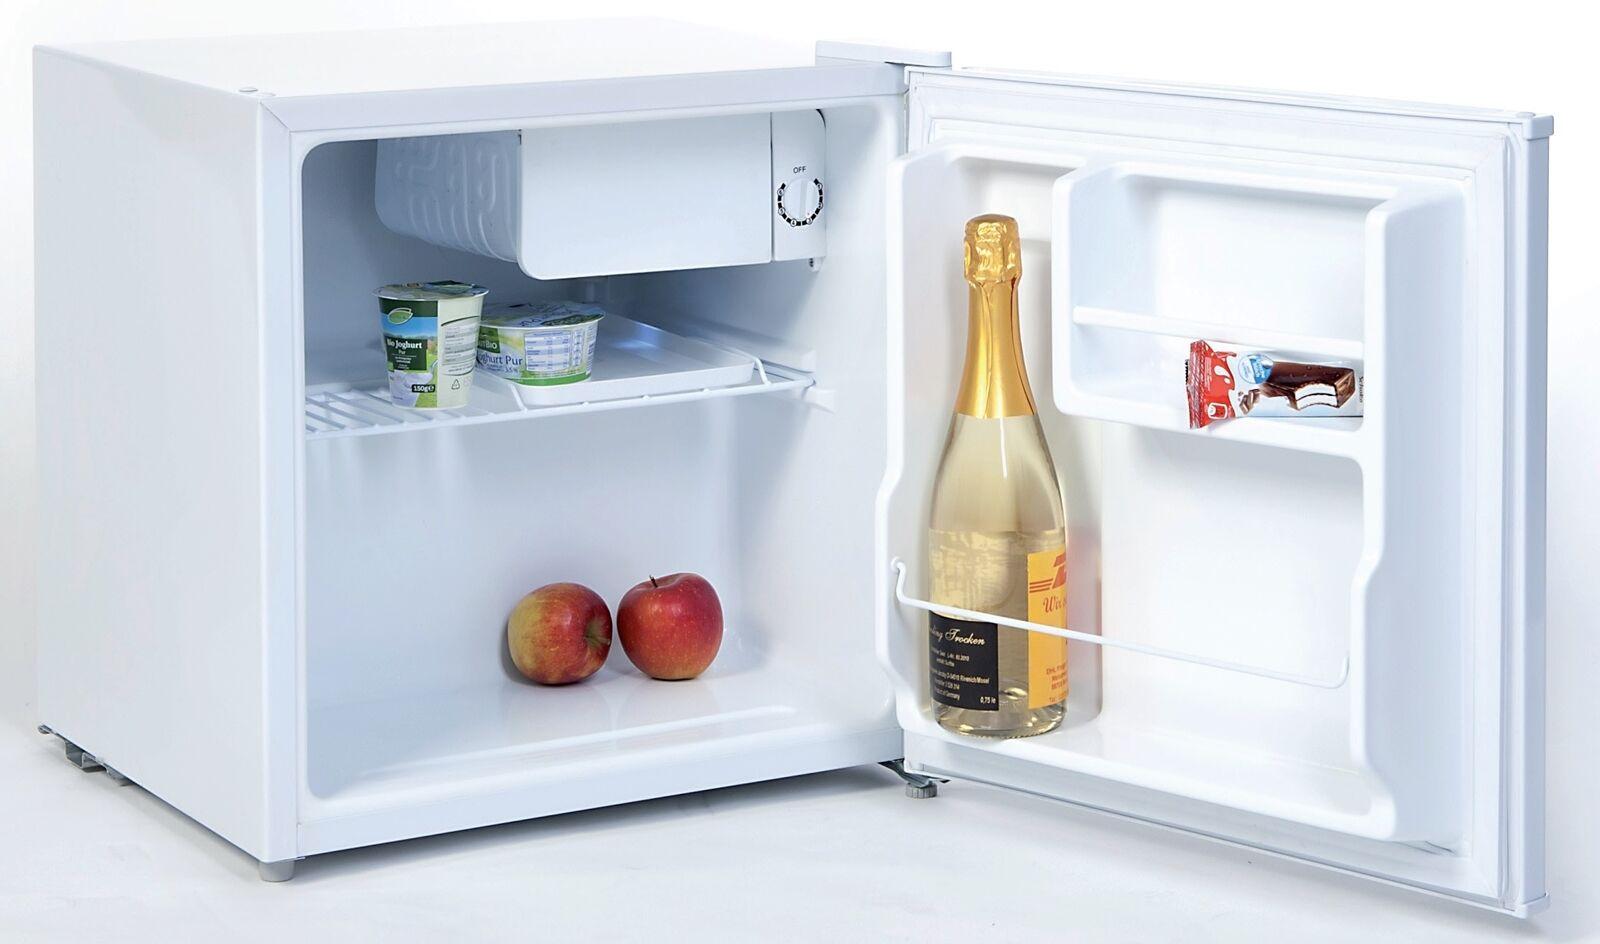 Kühlbox A+ mit Tiefkühlfach Kühlschrank weiß mini klein Büro Camping Gefrierfach